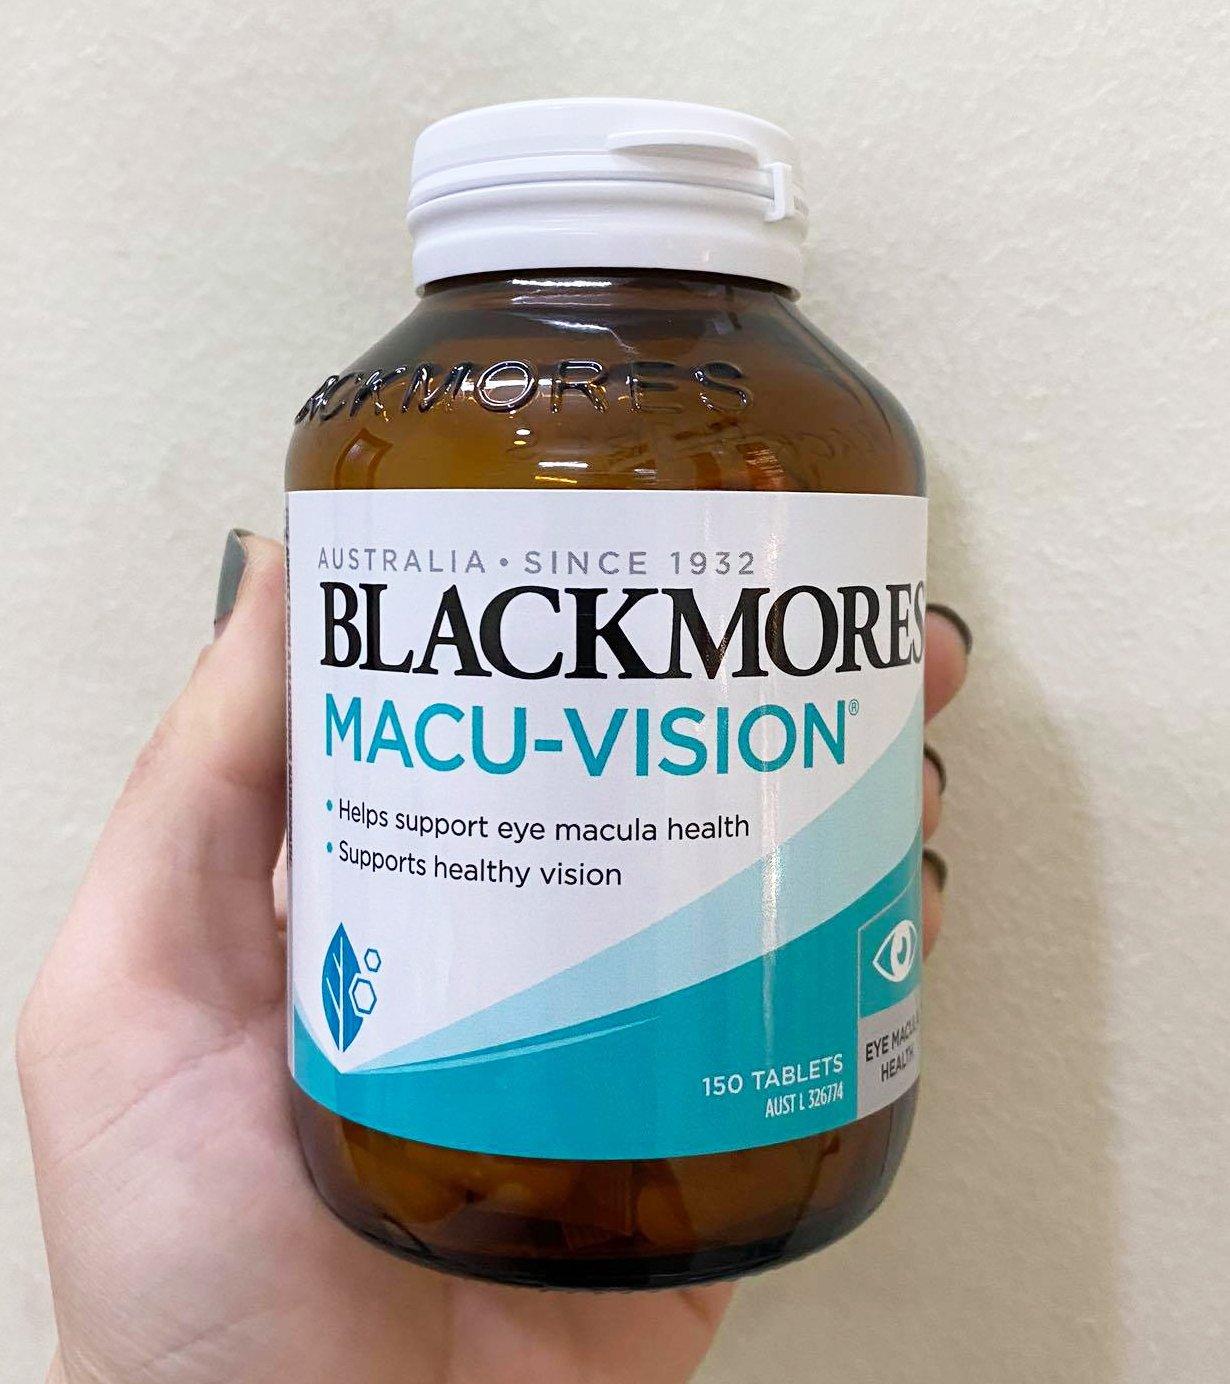 Viên uống Blackmores Macu-Vision chính hãng từ Úc loại 150 viên mẫu mới